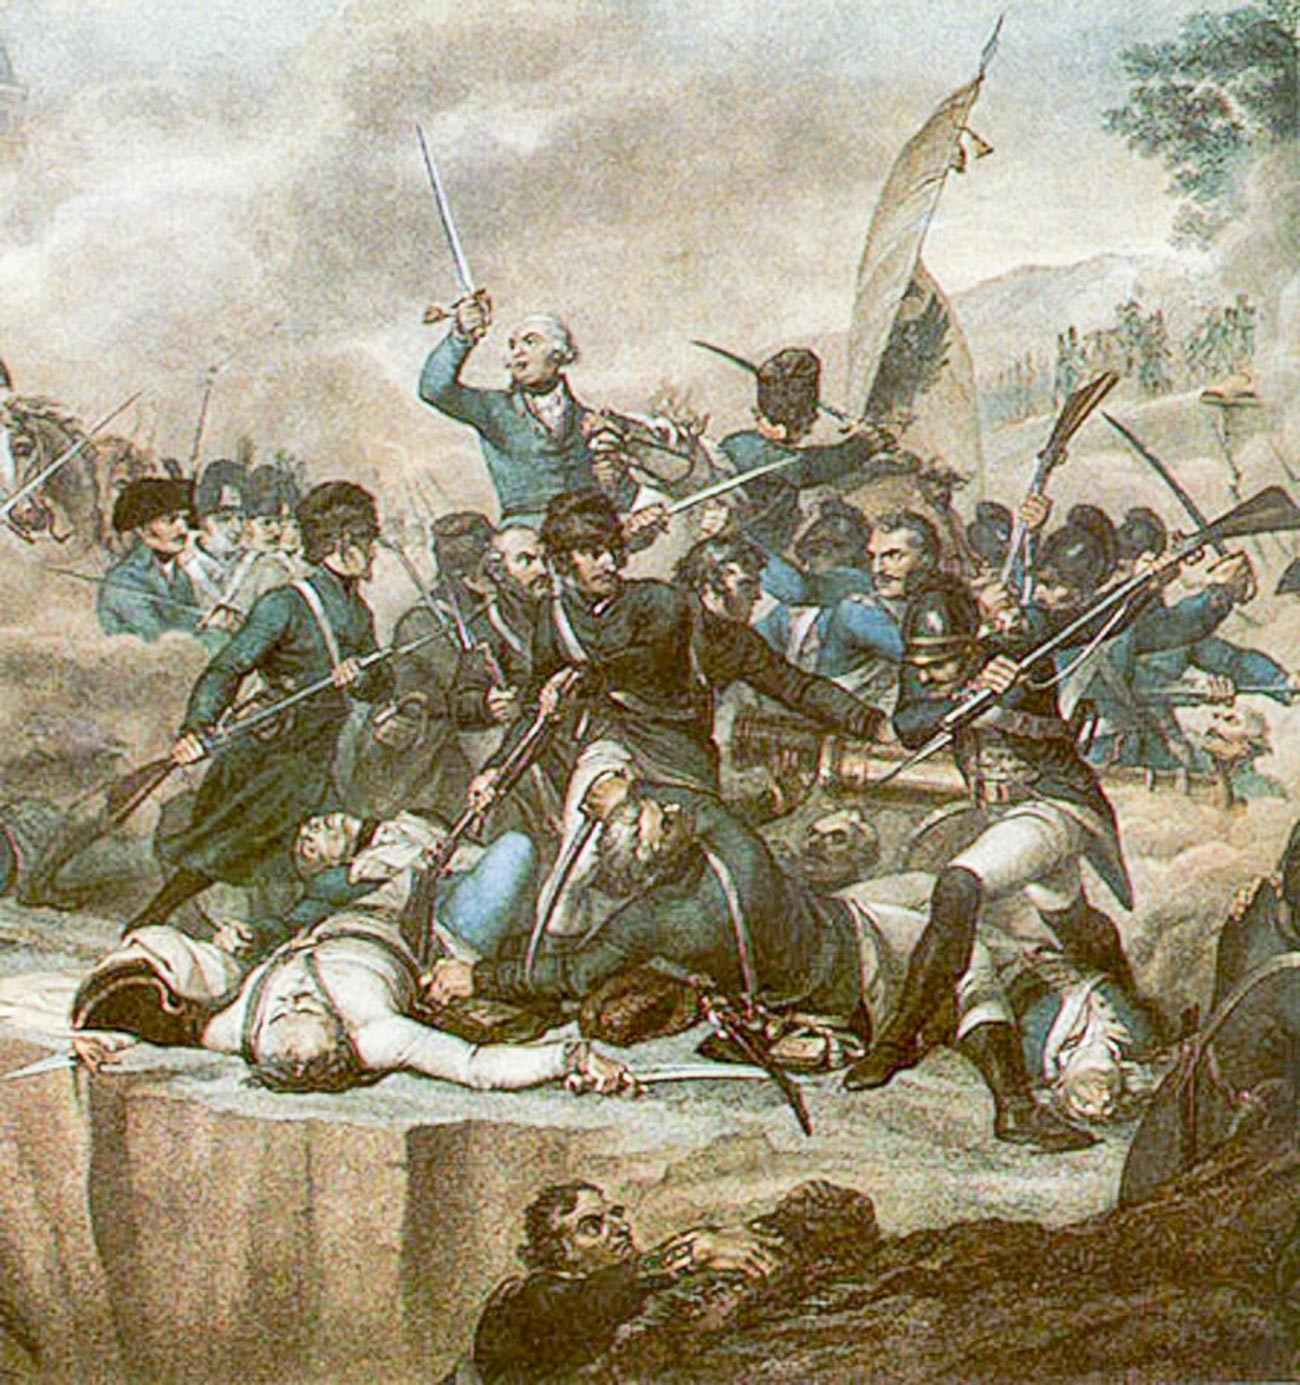 Генерал Суворов в битве на реке Адде 27 апреля 1799 года.